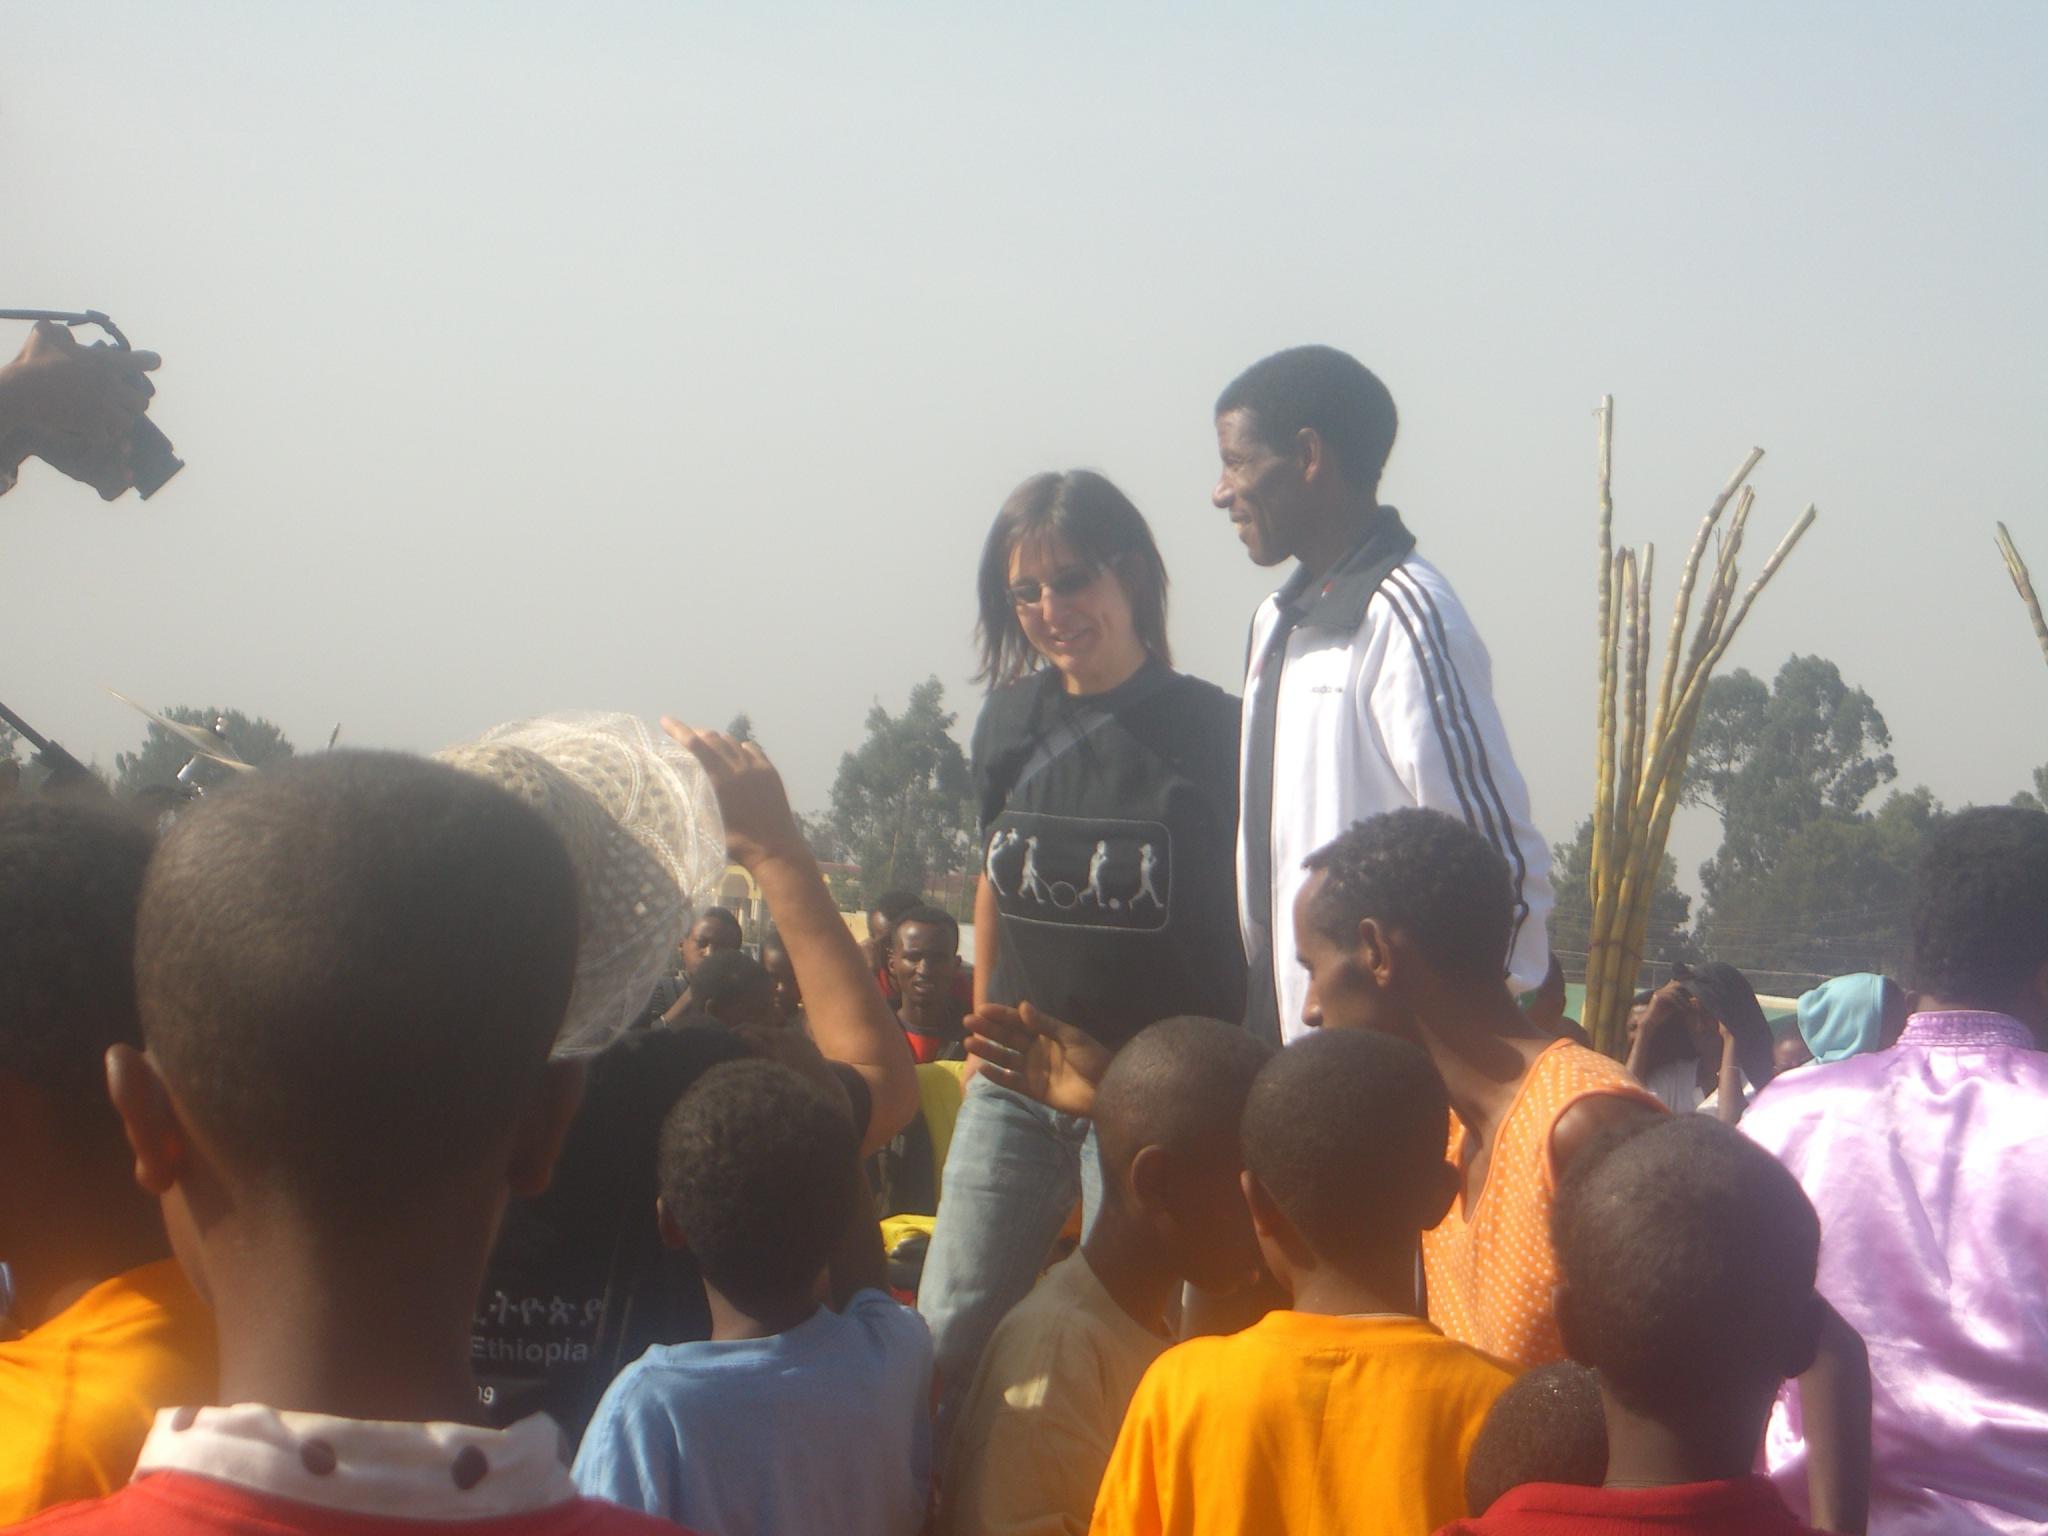 Gigathlon: Athlete Haile Gebresilasse, 2009